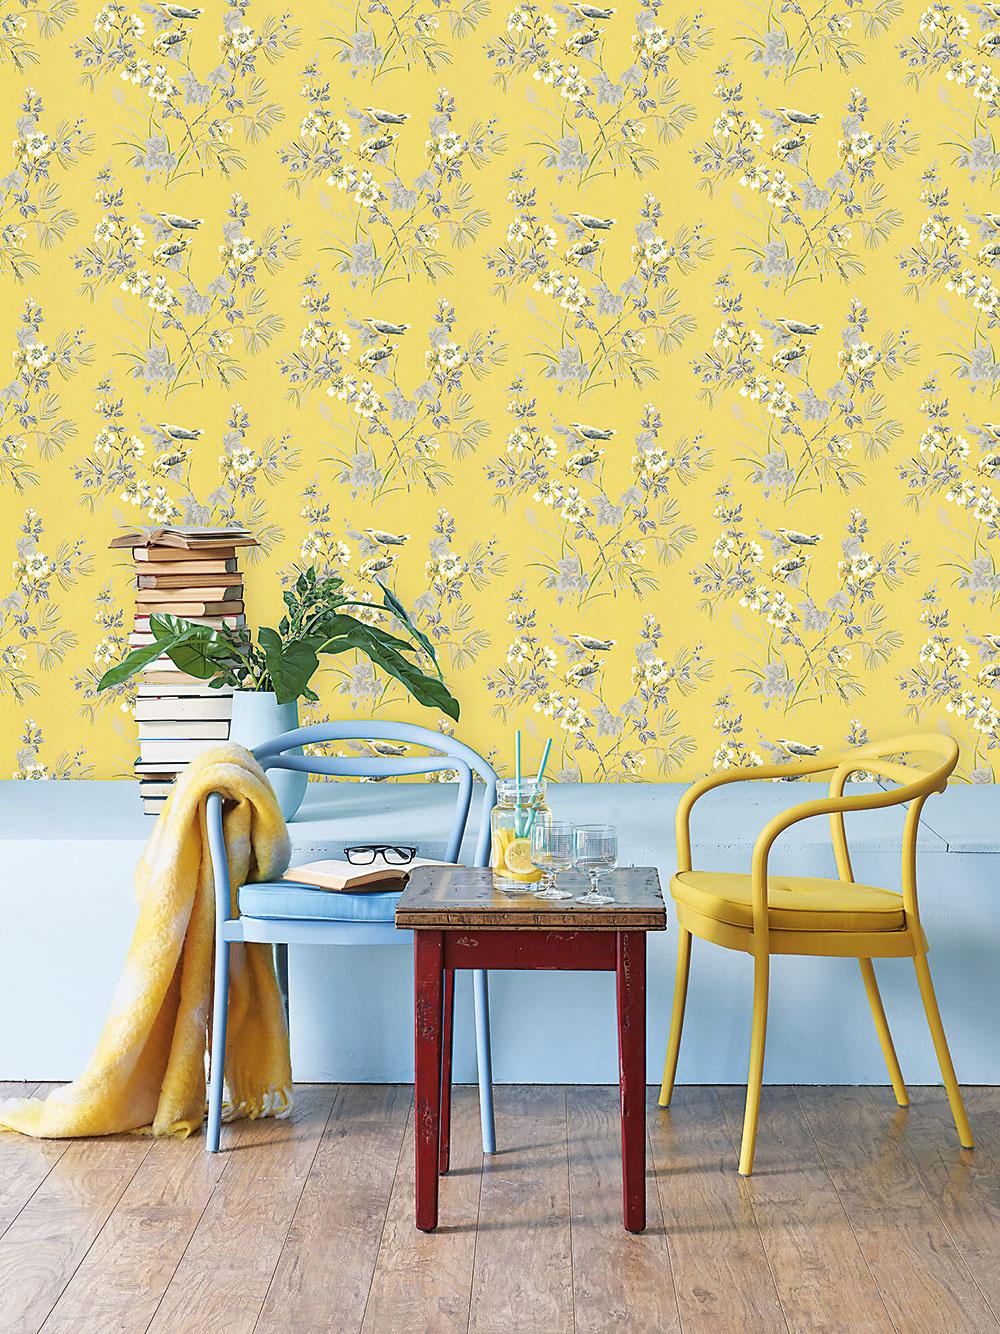 """Štýl 4 Súkvetia  Tých nájdete vponuke tapiet neúrekom. Od drobných kvietkov až po obrovské pompézne rozkvitnuté puky. Drobný vzor sa dobre kombinuje sgeometriou vpodobe pásikov ahodí sa do tradične zariadených interiérov. Naopak, veľké okázalé kvety na stene vyžadujú už len jednoduchšie zariadený interiér, aby vynikla ich veľkolepá """"tvár"""". FOTO NIPPON PAINT"""